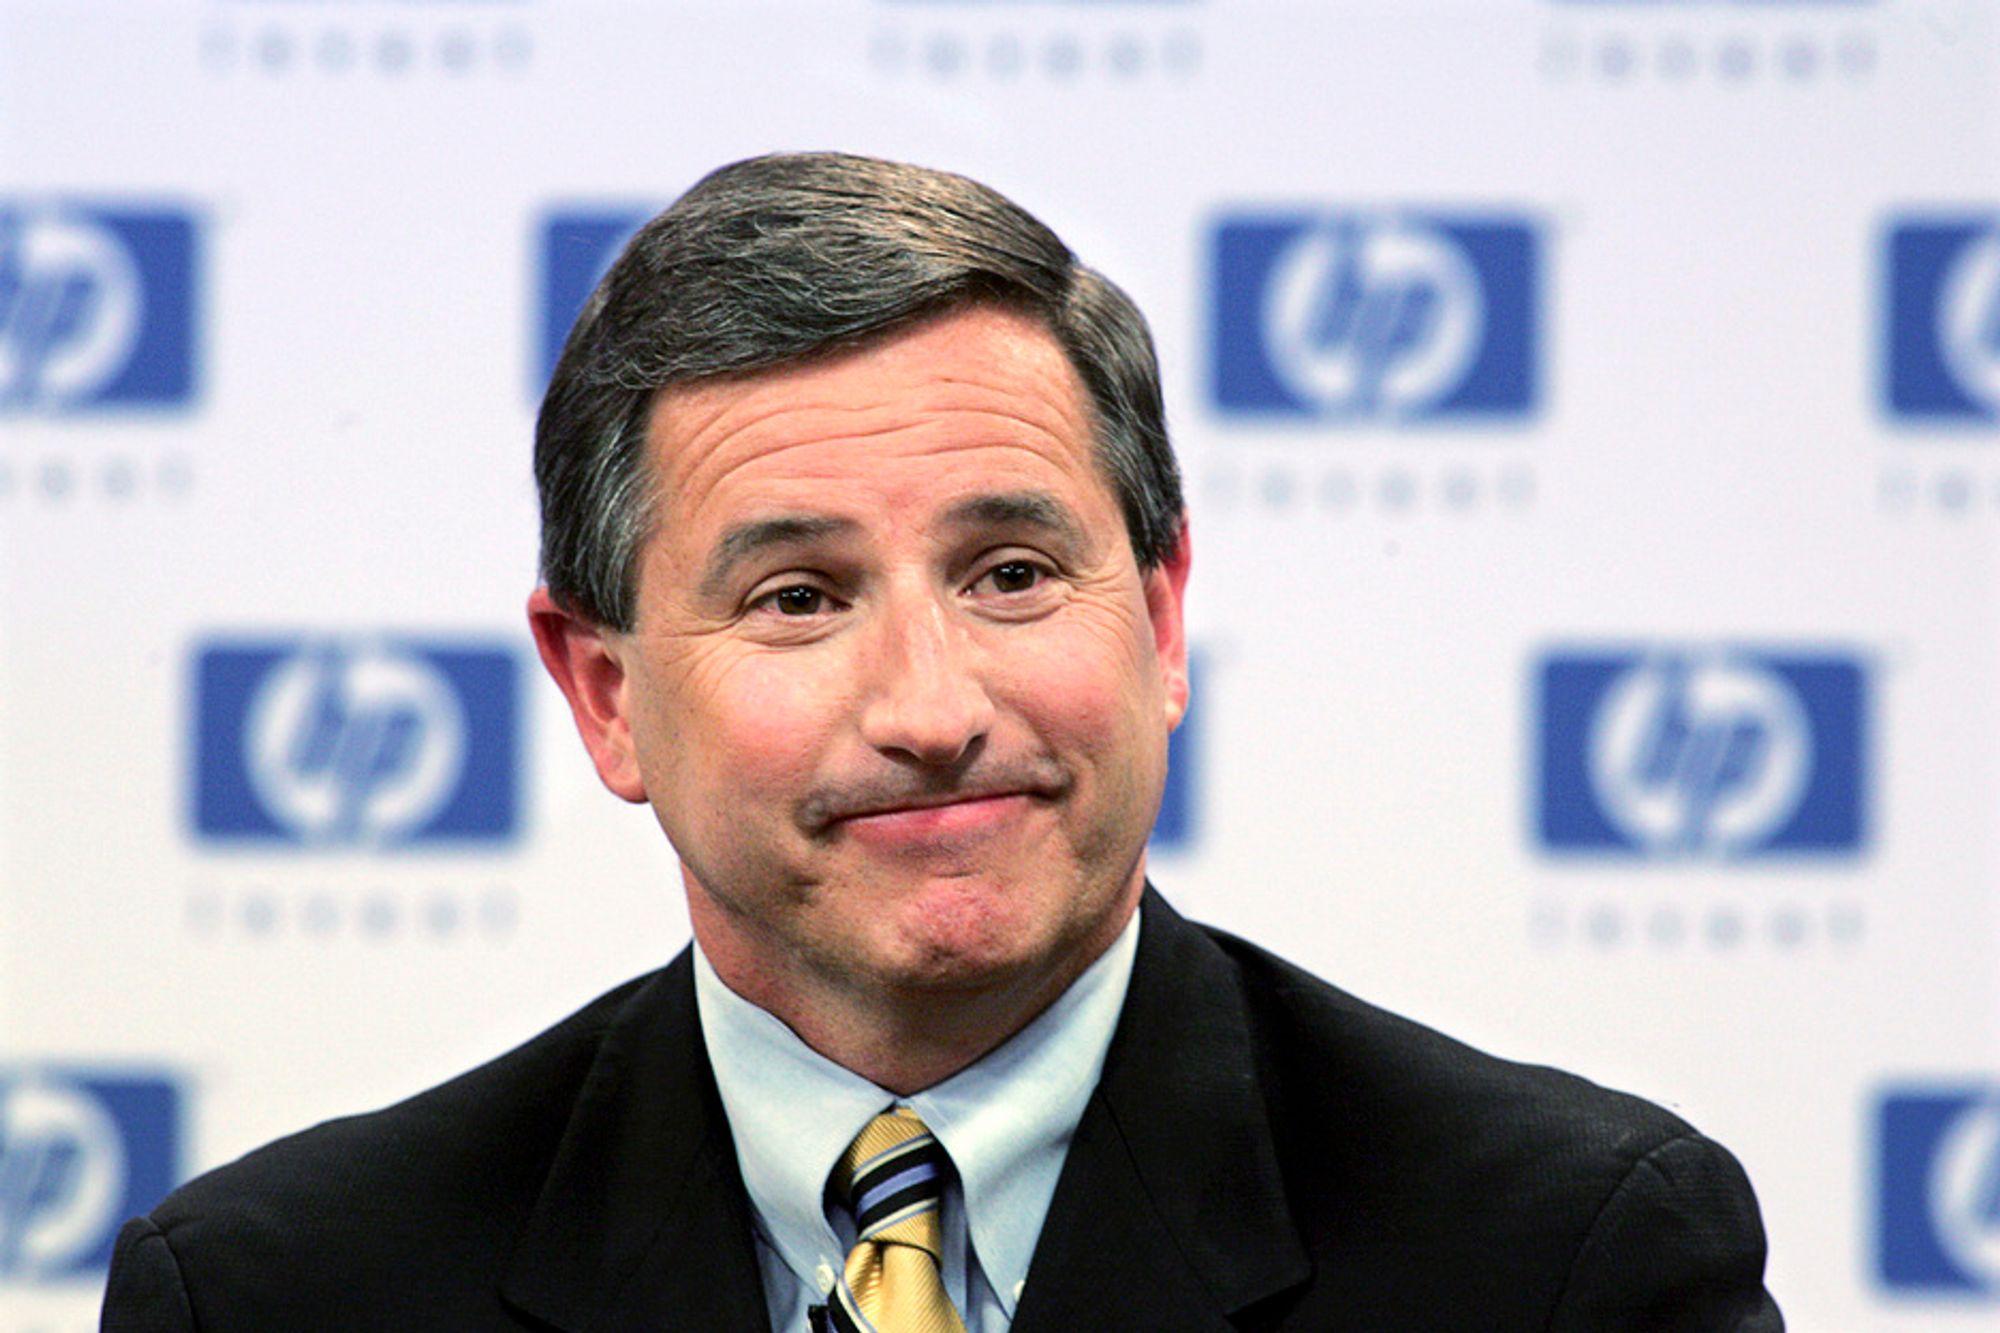 SURT: Hewlett-Packards administrerende direktør, Mark Hurd, går av etter sexanklager. Det førte til at verdien på selskapets aksjer sank 10 prosent.